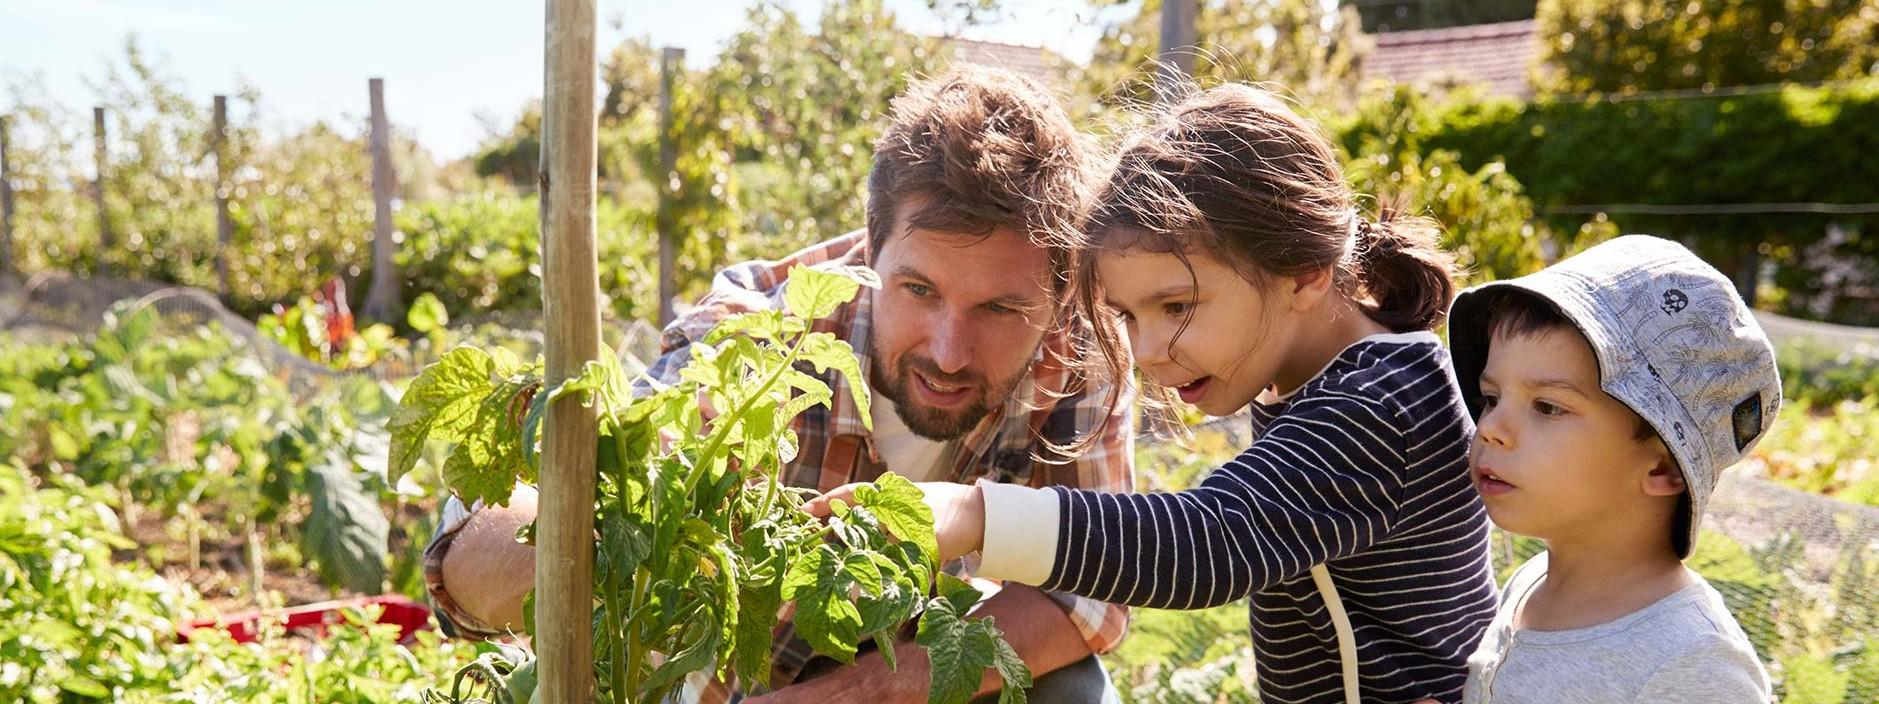 Vater schaut mit Tochter und Sohn Tomaten im Garten an